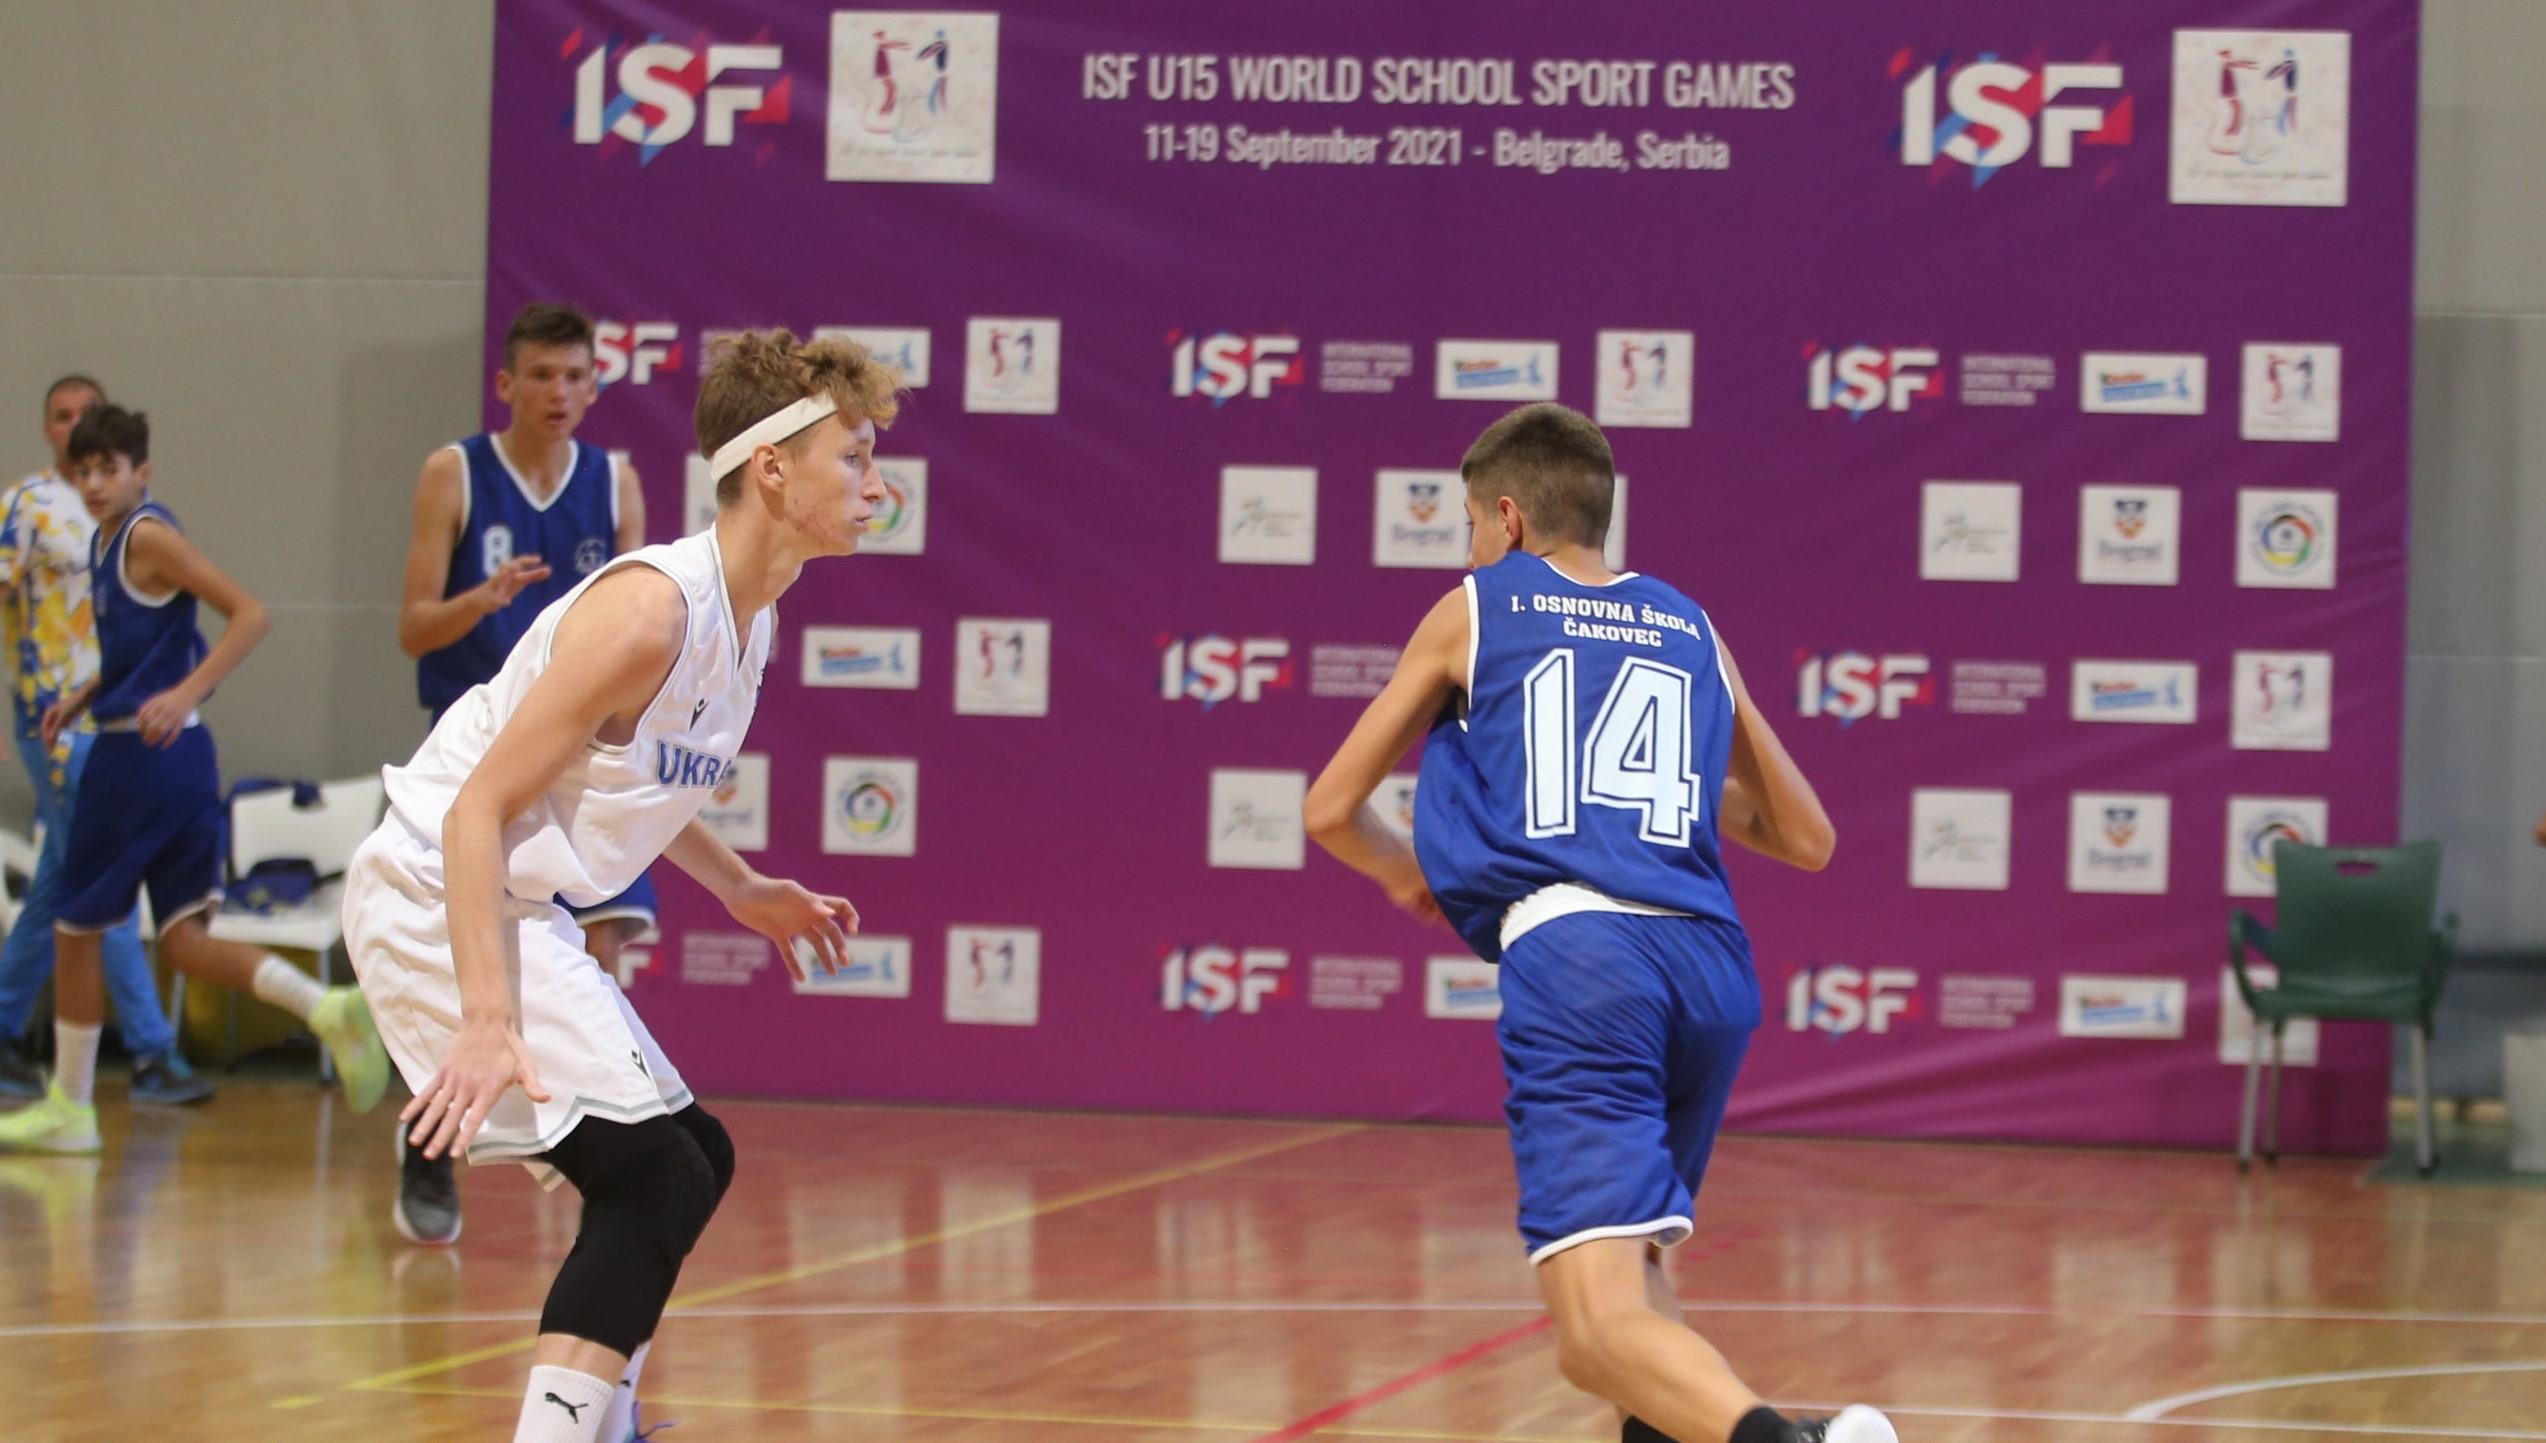 Збірні України продовжили переможну серію на Всесвітніх учнівських іграх